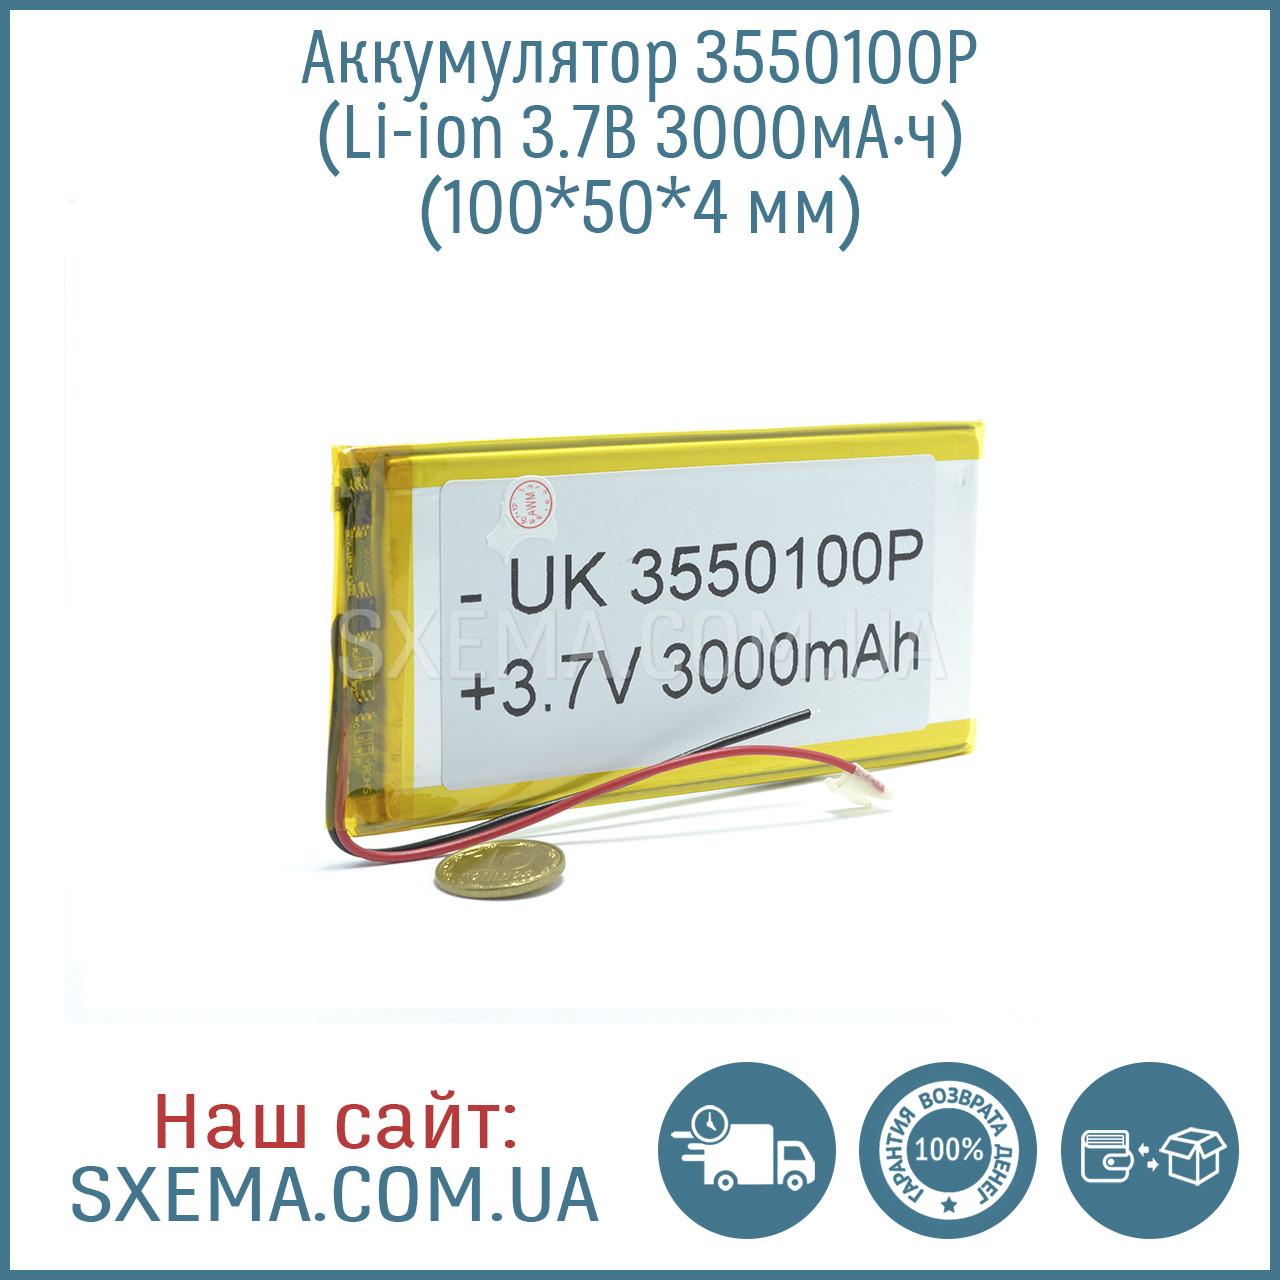 Аккумулятор универсальный 3550100   (Li-ion 3.7В 3000мА·ч), (100*50*4 мм)